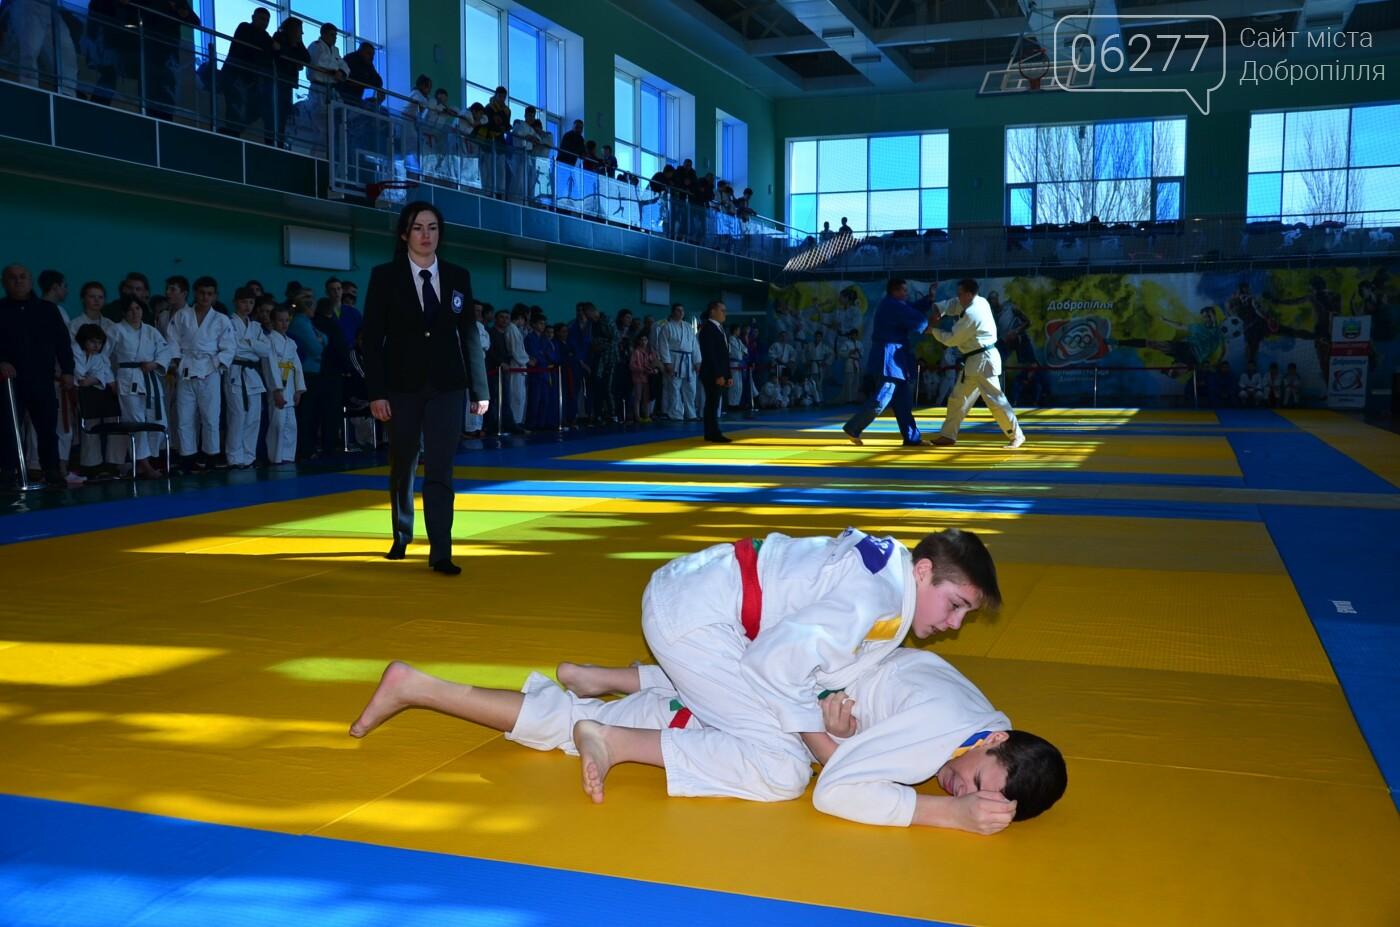 У Добропіллі відбувся Чемпіонат Донецької області з дзюдо, фото-3